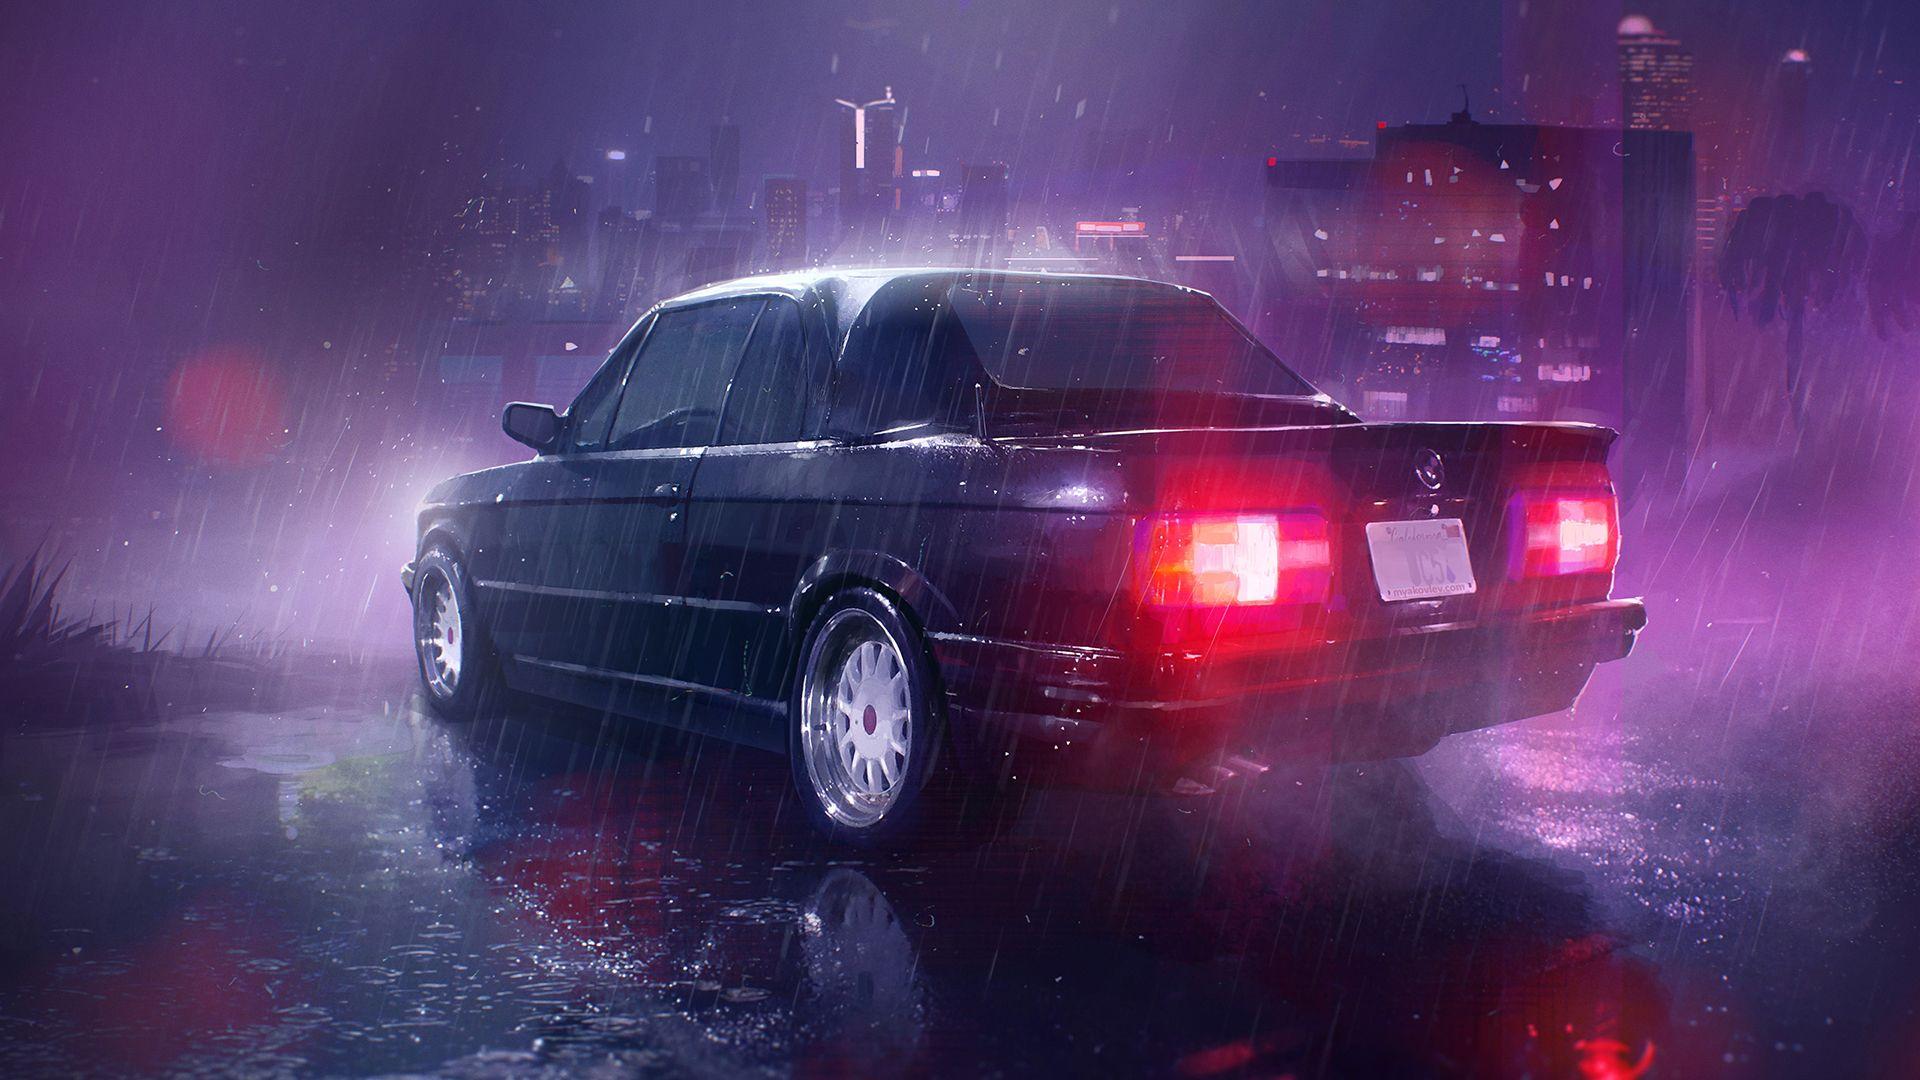 General 1920x1080 digital art neon car BMW E30 rain